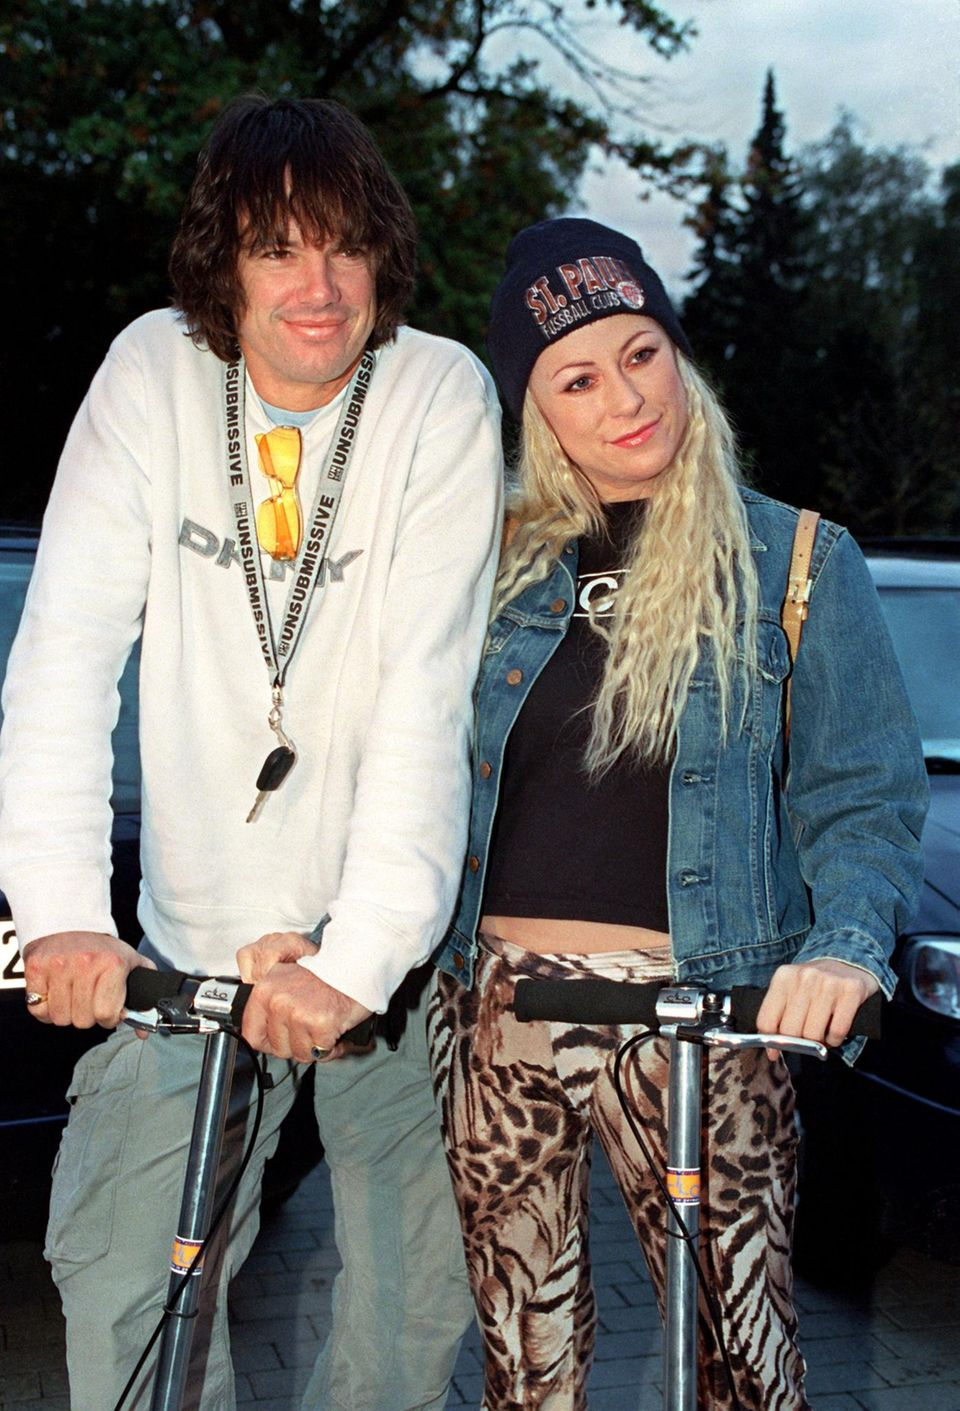 """Jenny mit Alex Jolig – Diplomatensohn, Kneipier, Ex-""""Big Brother""""-Bewohner. Die beiden waren nur wenige Monate liiert. Jolig ist der Vater von Jennys Sohn Paul, der 2001 geboren wurde."""